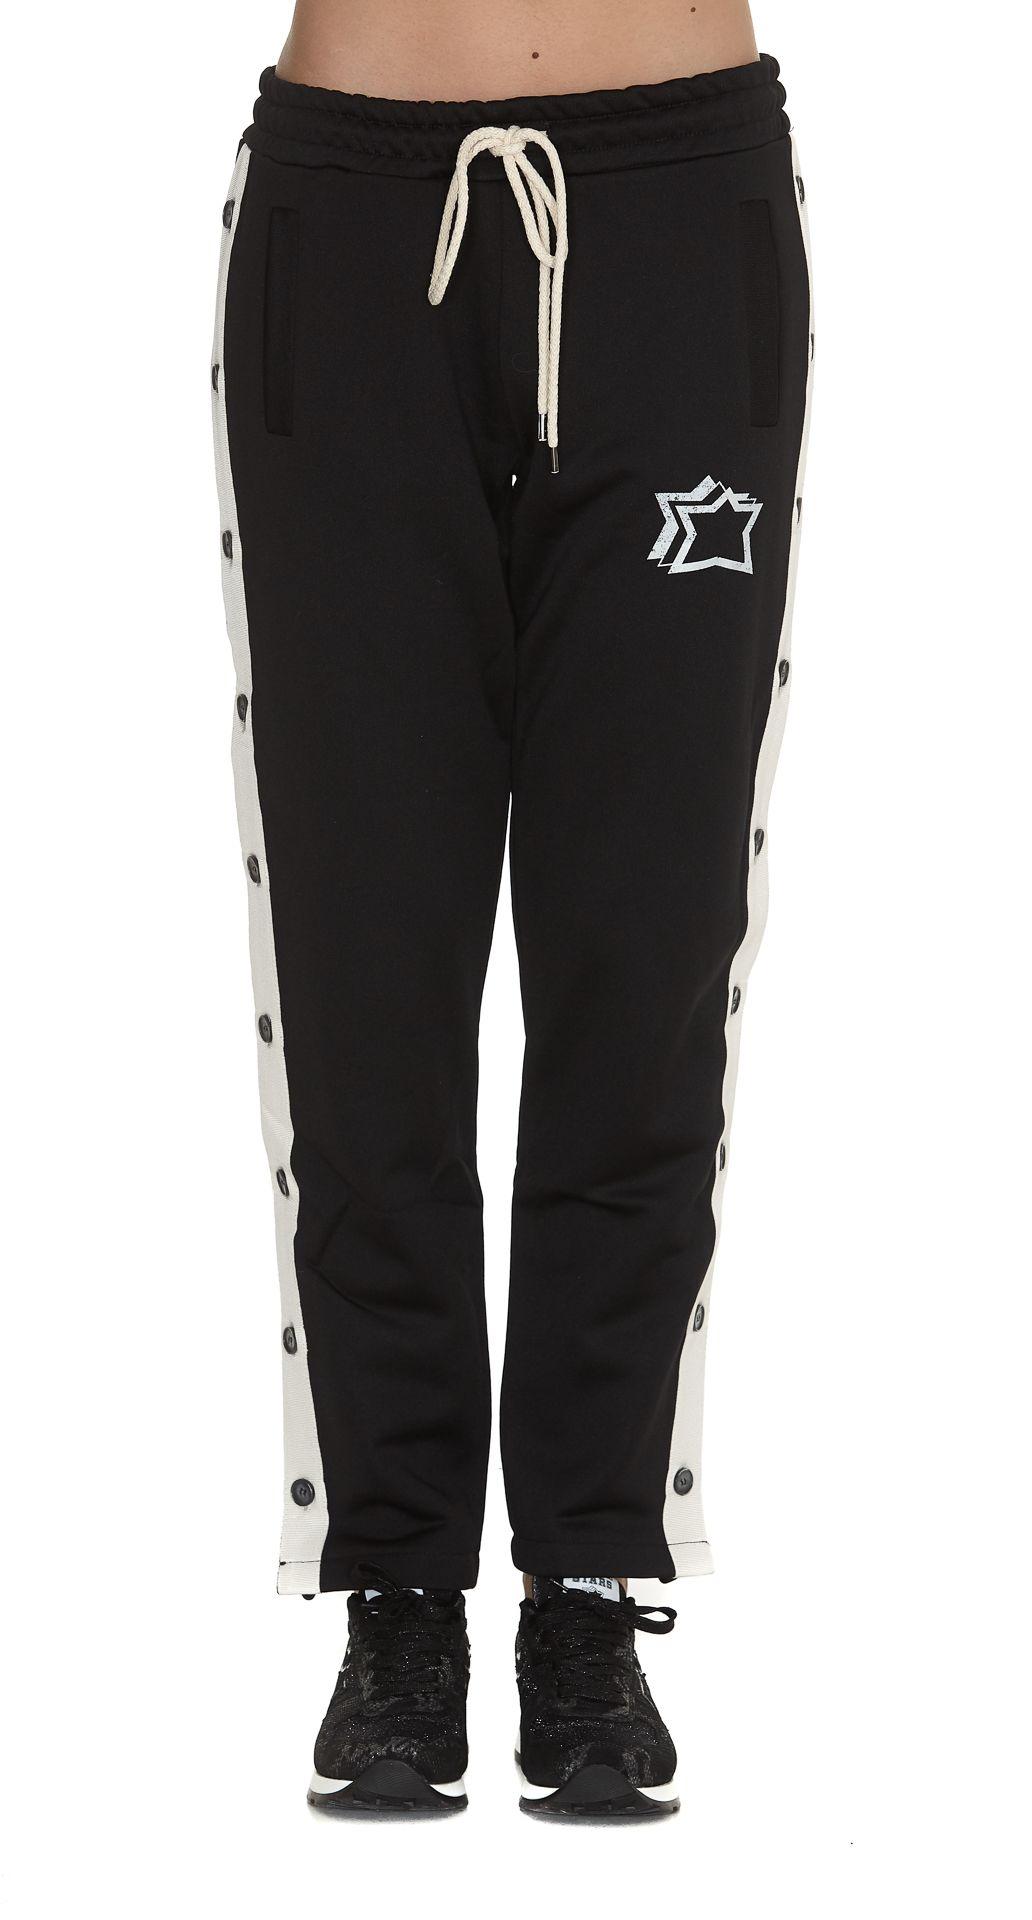 ATLANTIC STARS Casual Pants in Black